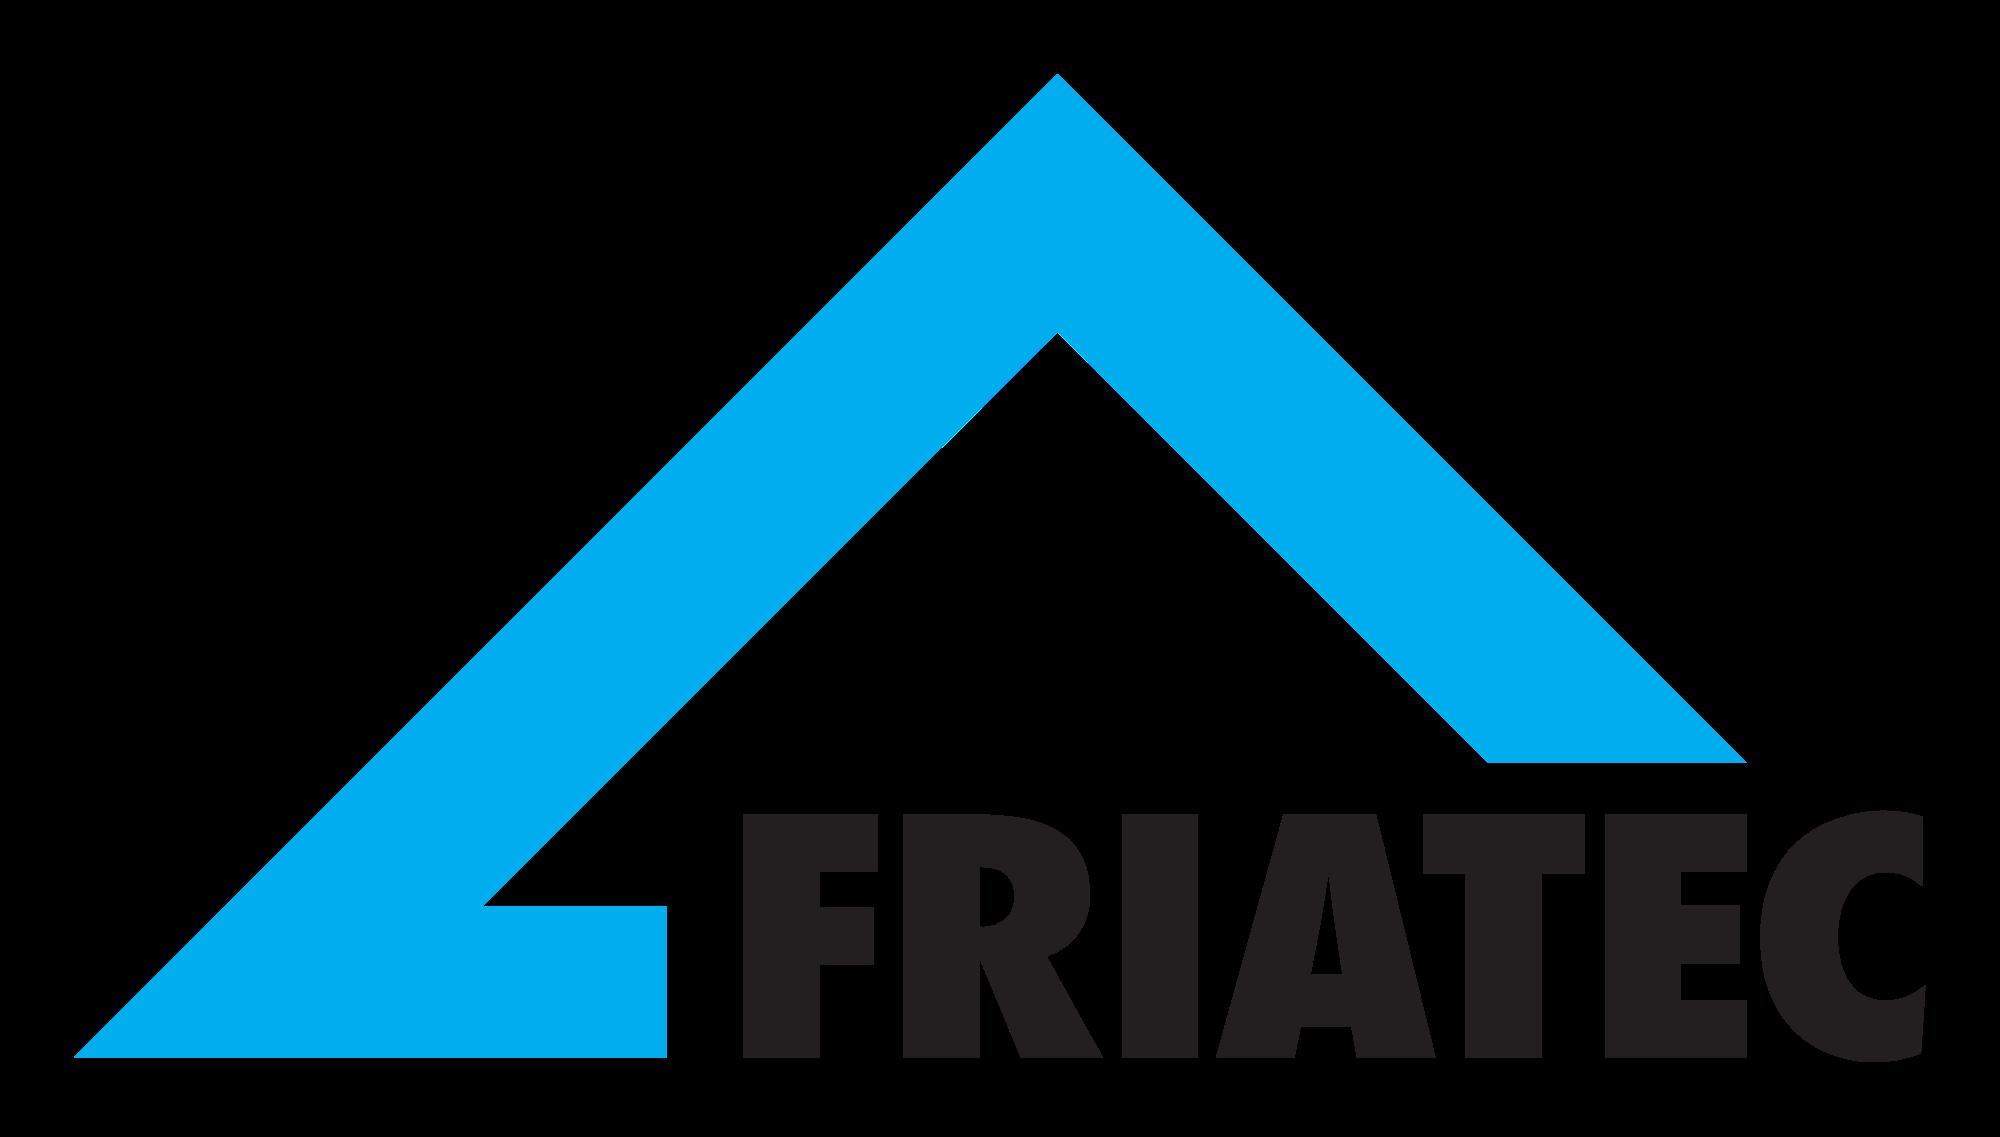 Friatec AG